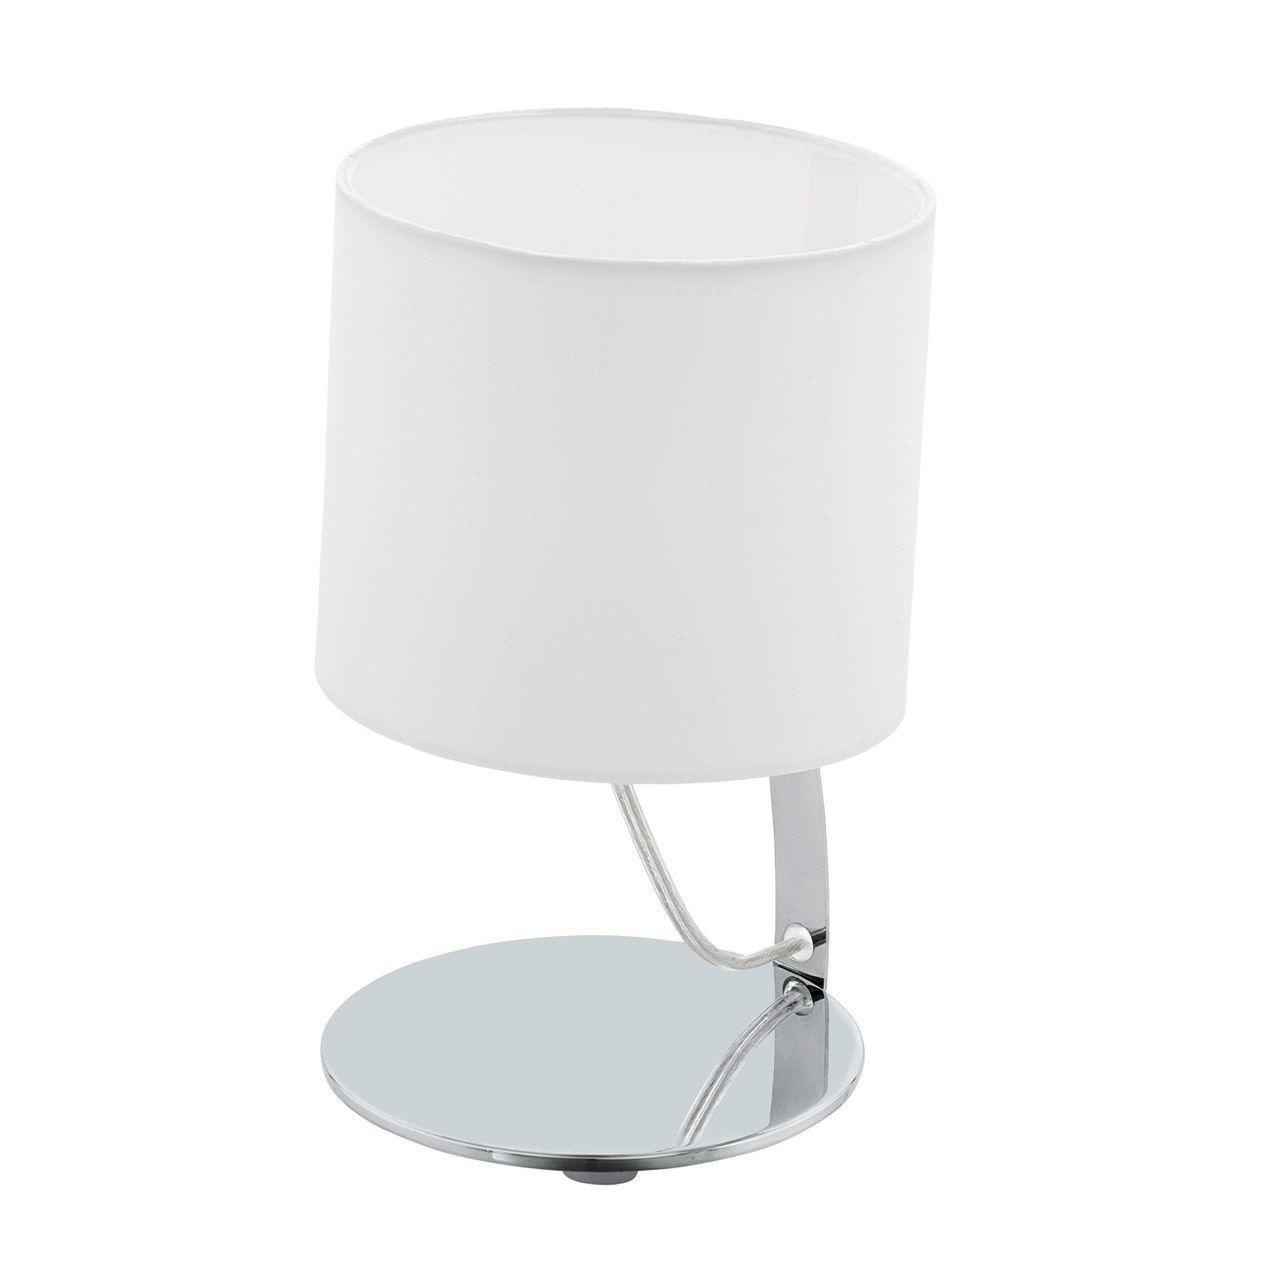 Купить Настольная лампа дизайнерская De в интернет магазине дизайнерской мебели и аксессуаров для дома и дачи